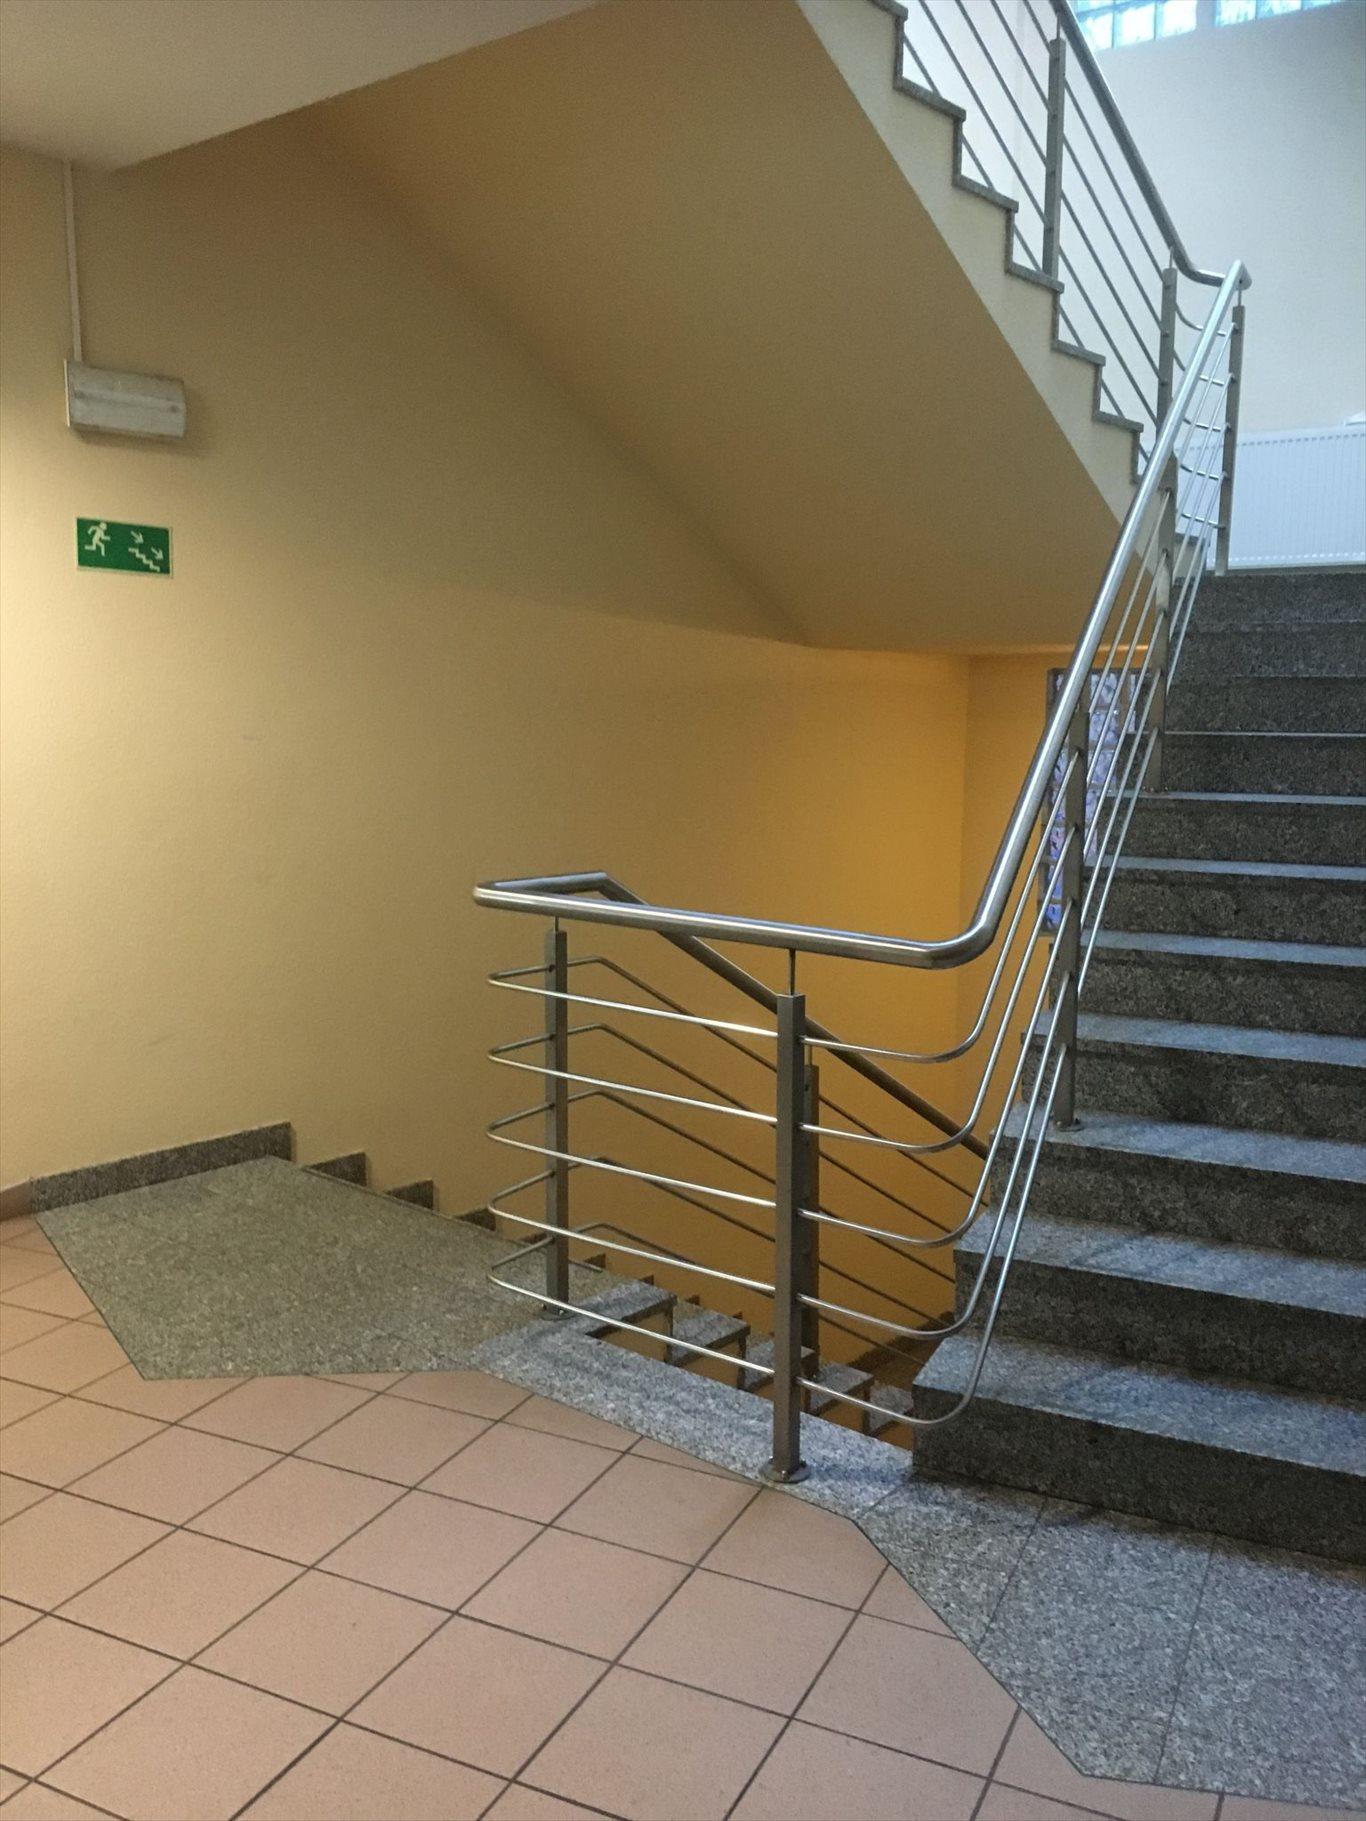 Lokal użytkowy na wynajem Kielce, Centrum, Paderewskiego  Fitness !!!!  461m2 Foto 8